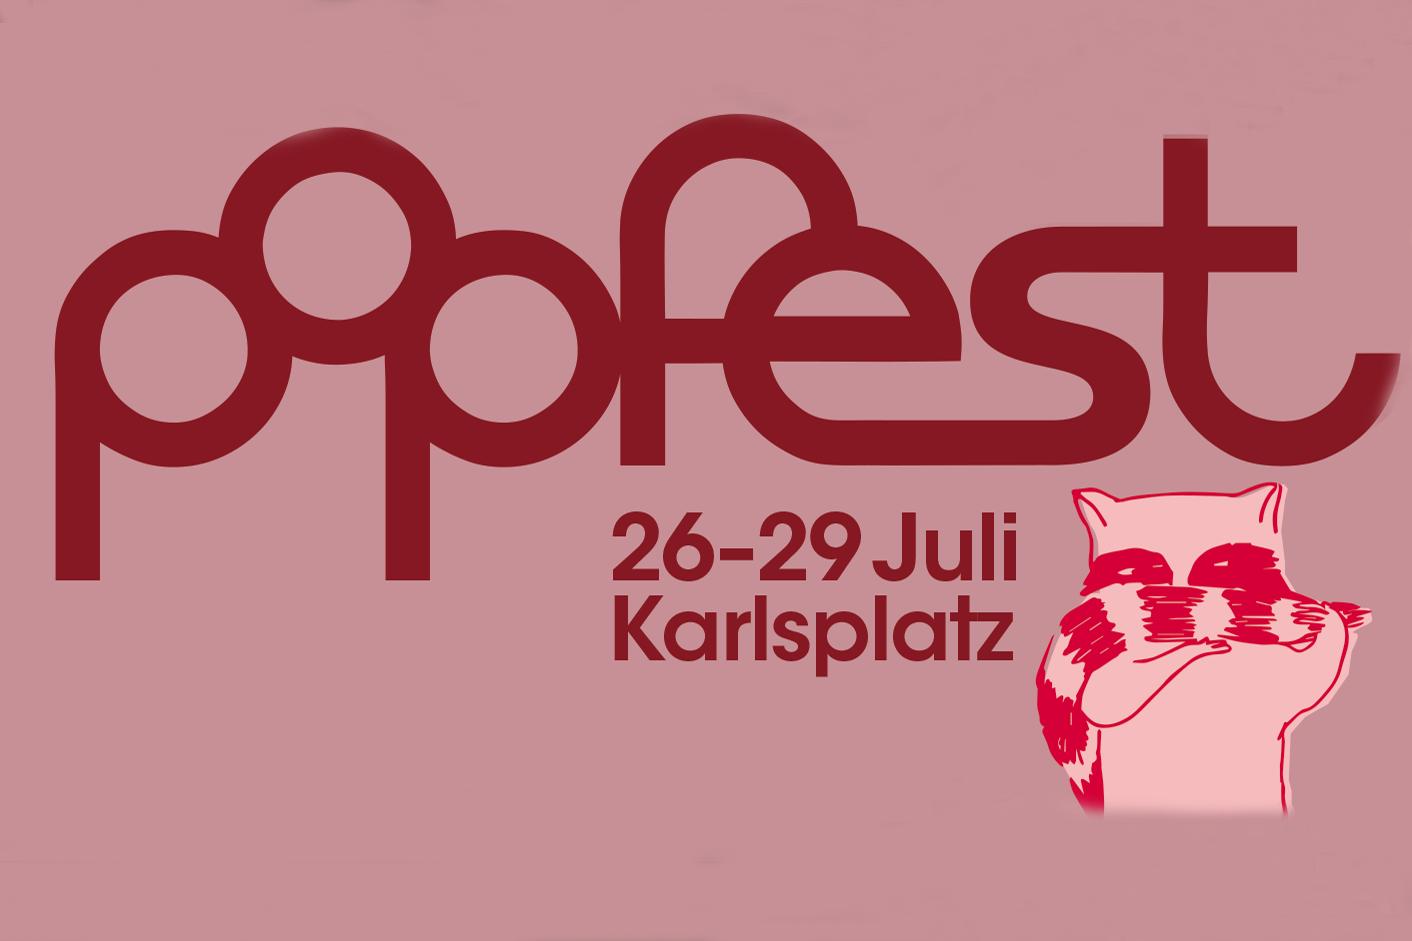 Popfest u Beču: Šarolik program i nove lokacije